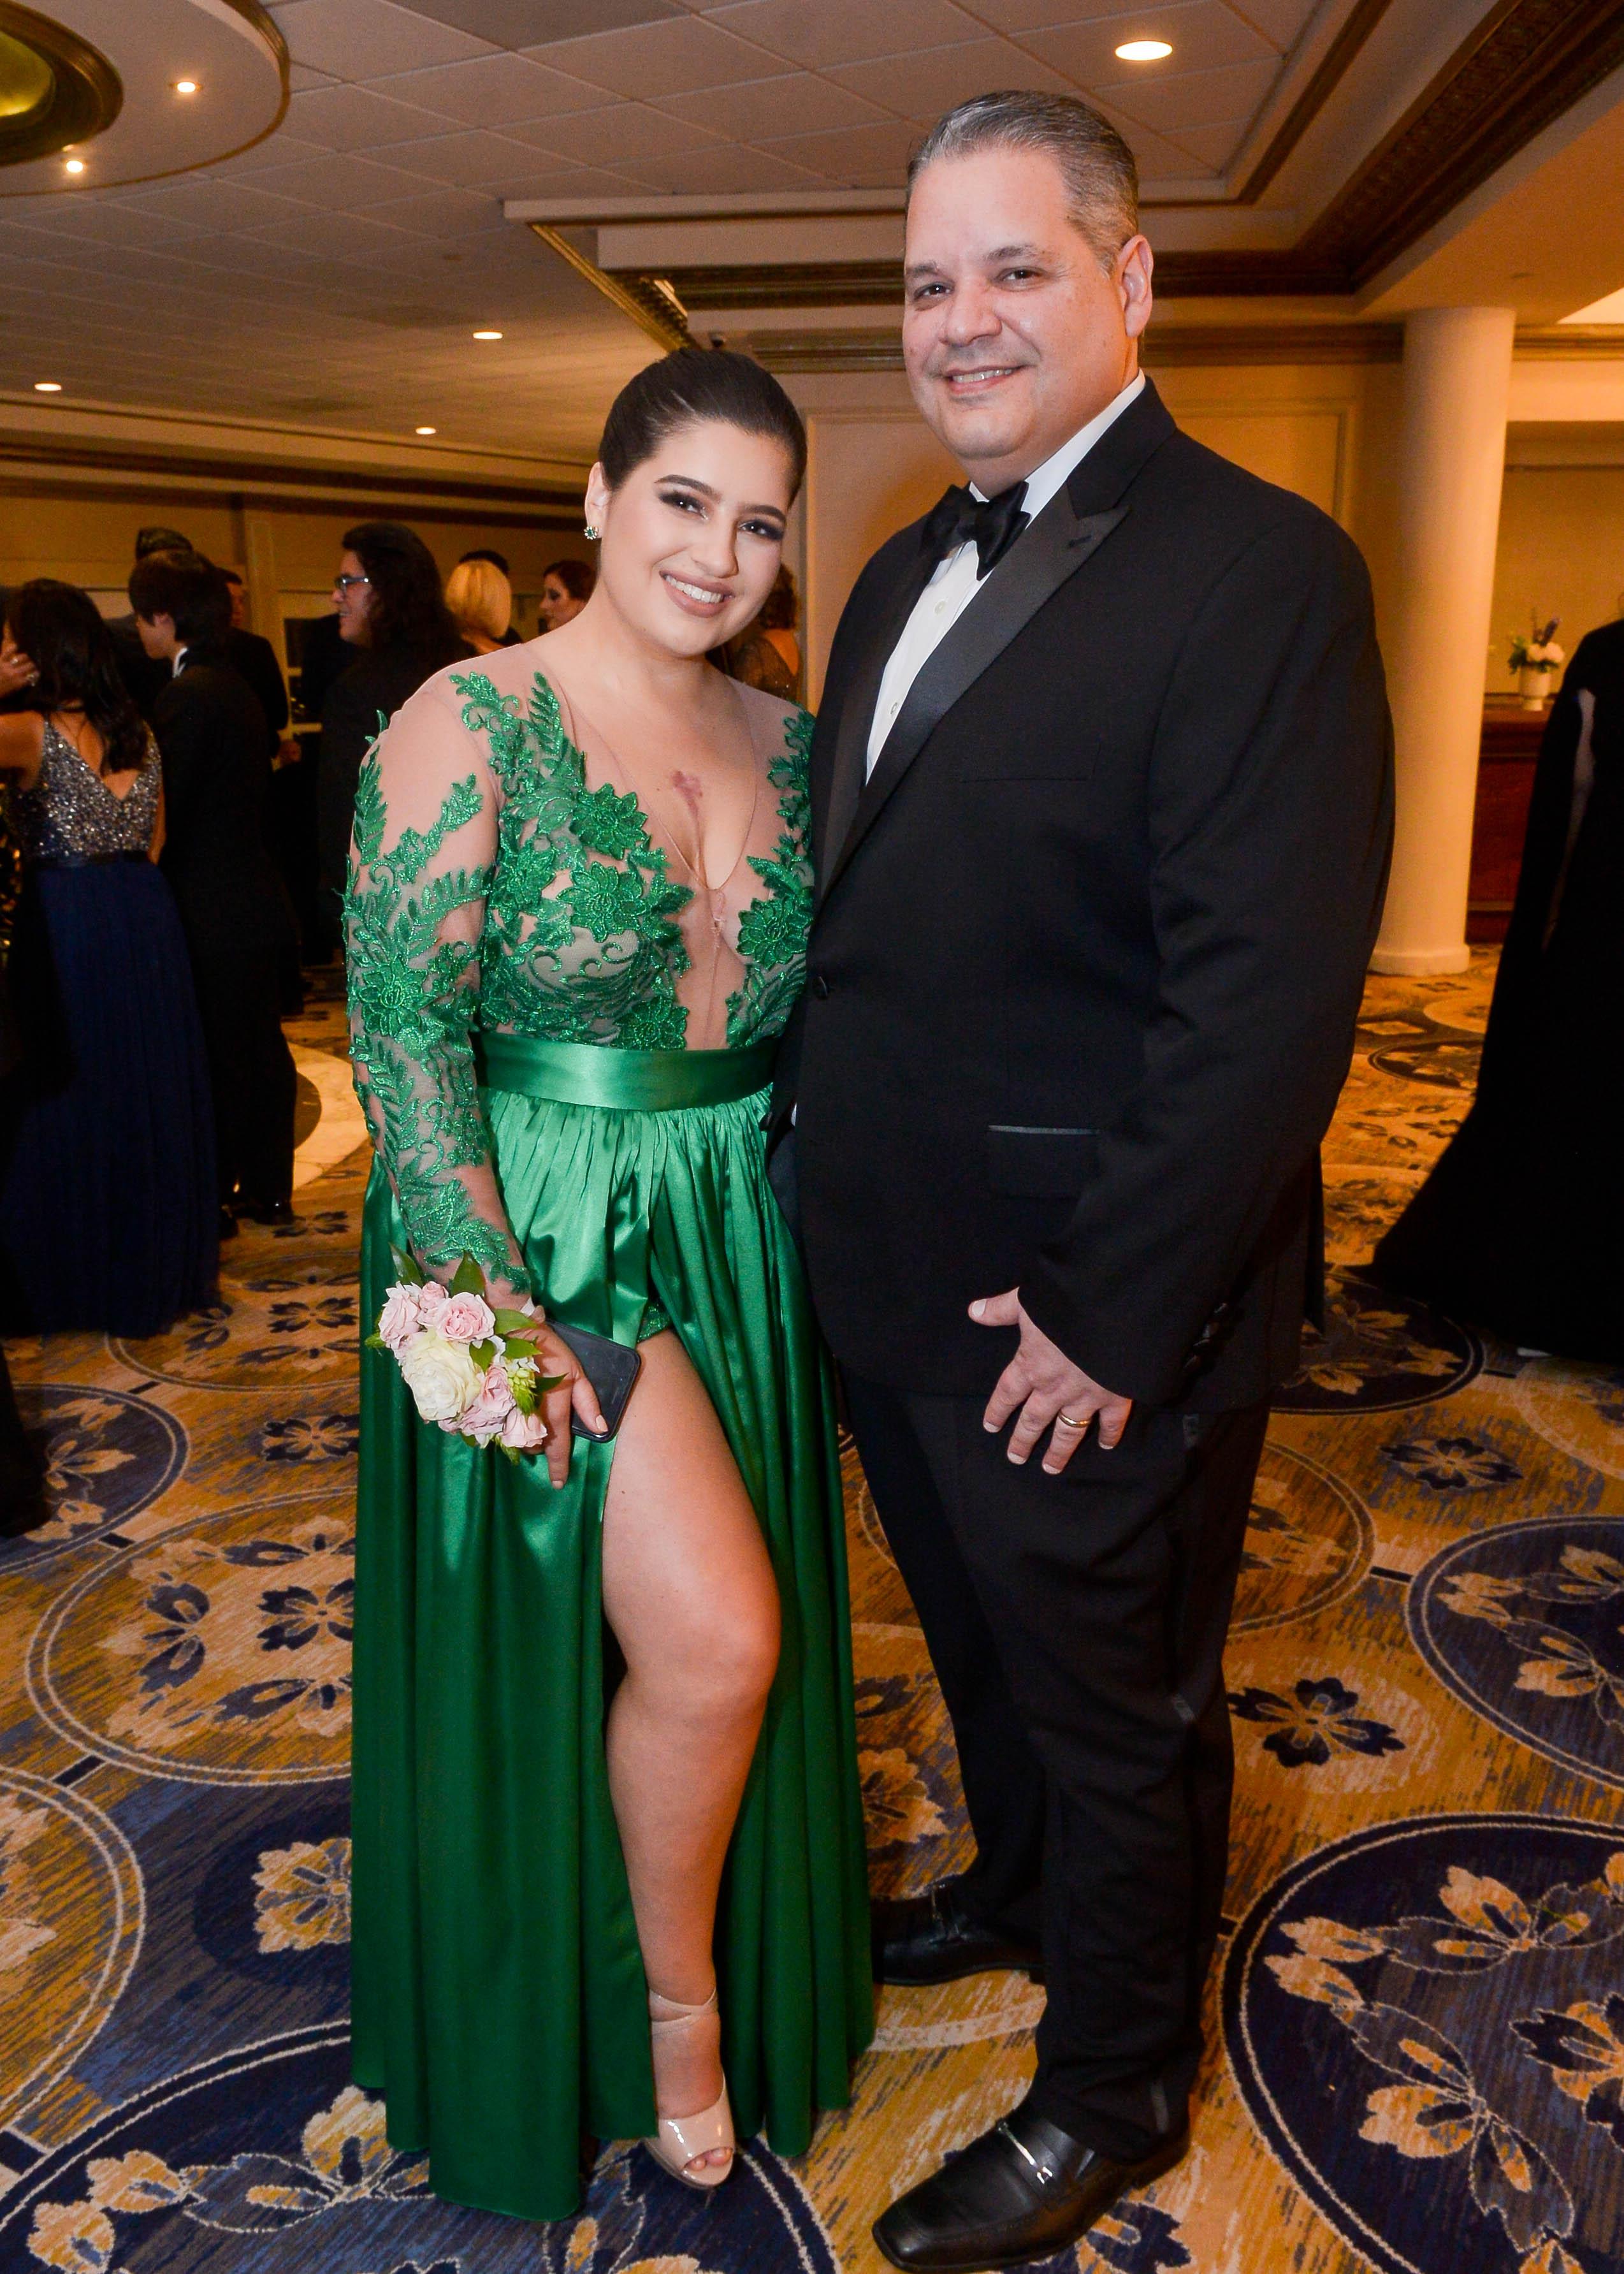 Lola y Victor Montilla  en el Senior Prom de Robinson School en El San Juan Hotel. Foto Enid M. Salgado Mercado.